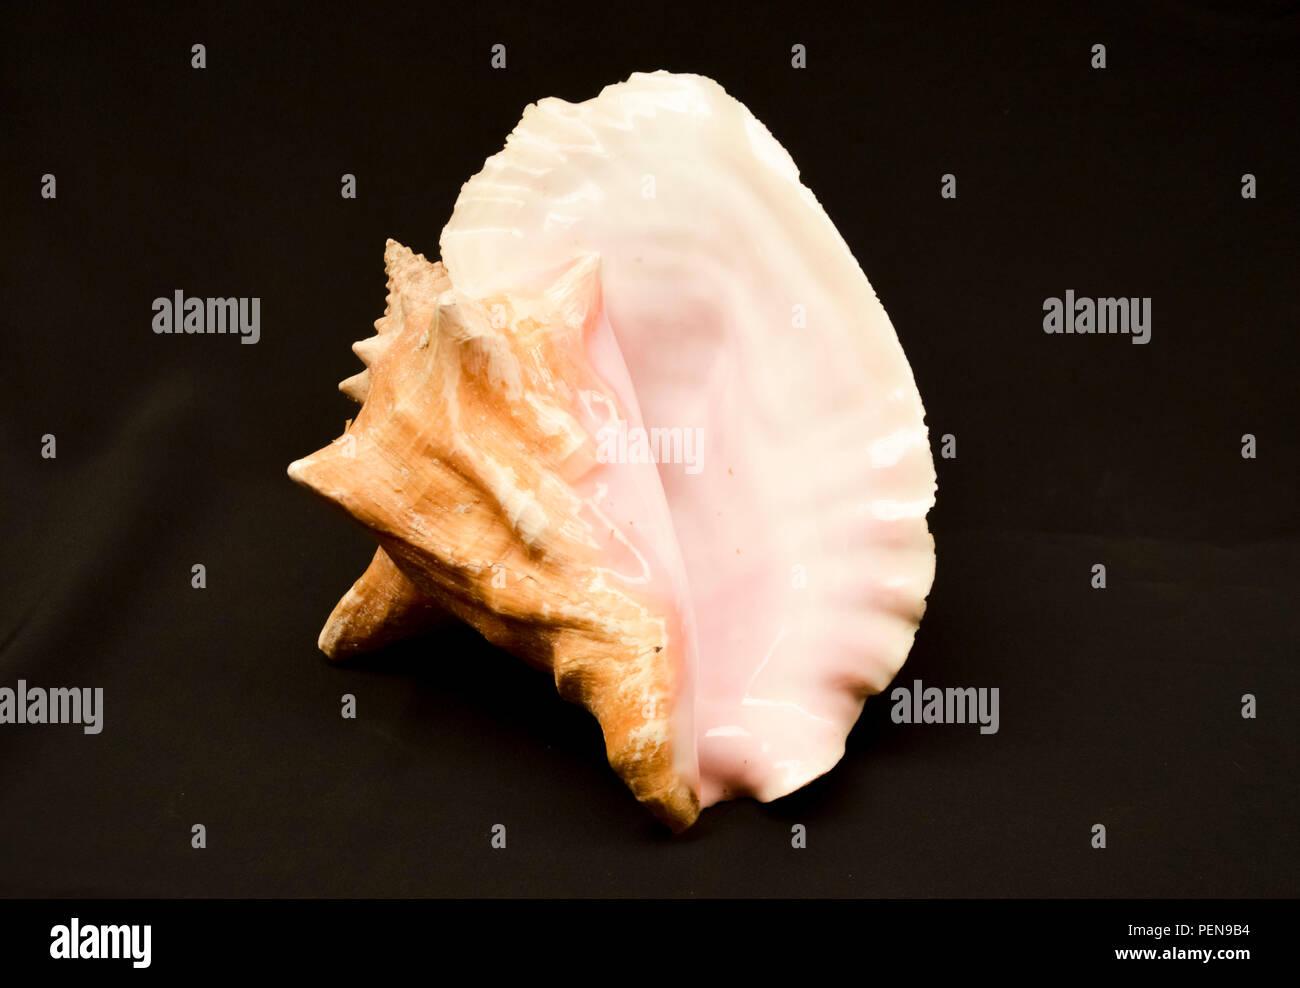 Freigestellte Meeresschnecke mit viel Perlmutt - Stock Image